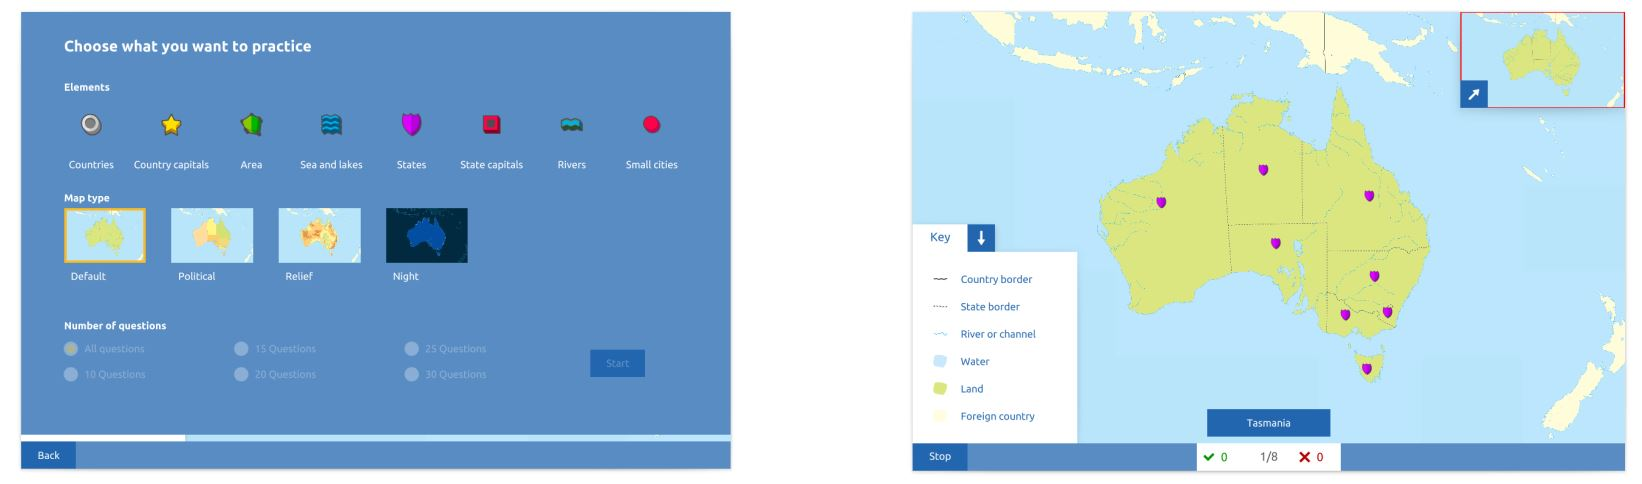 Topography Australia Practice mode